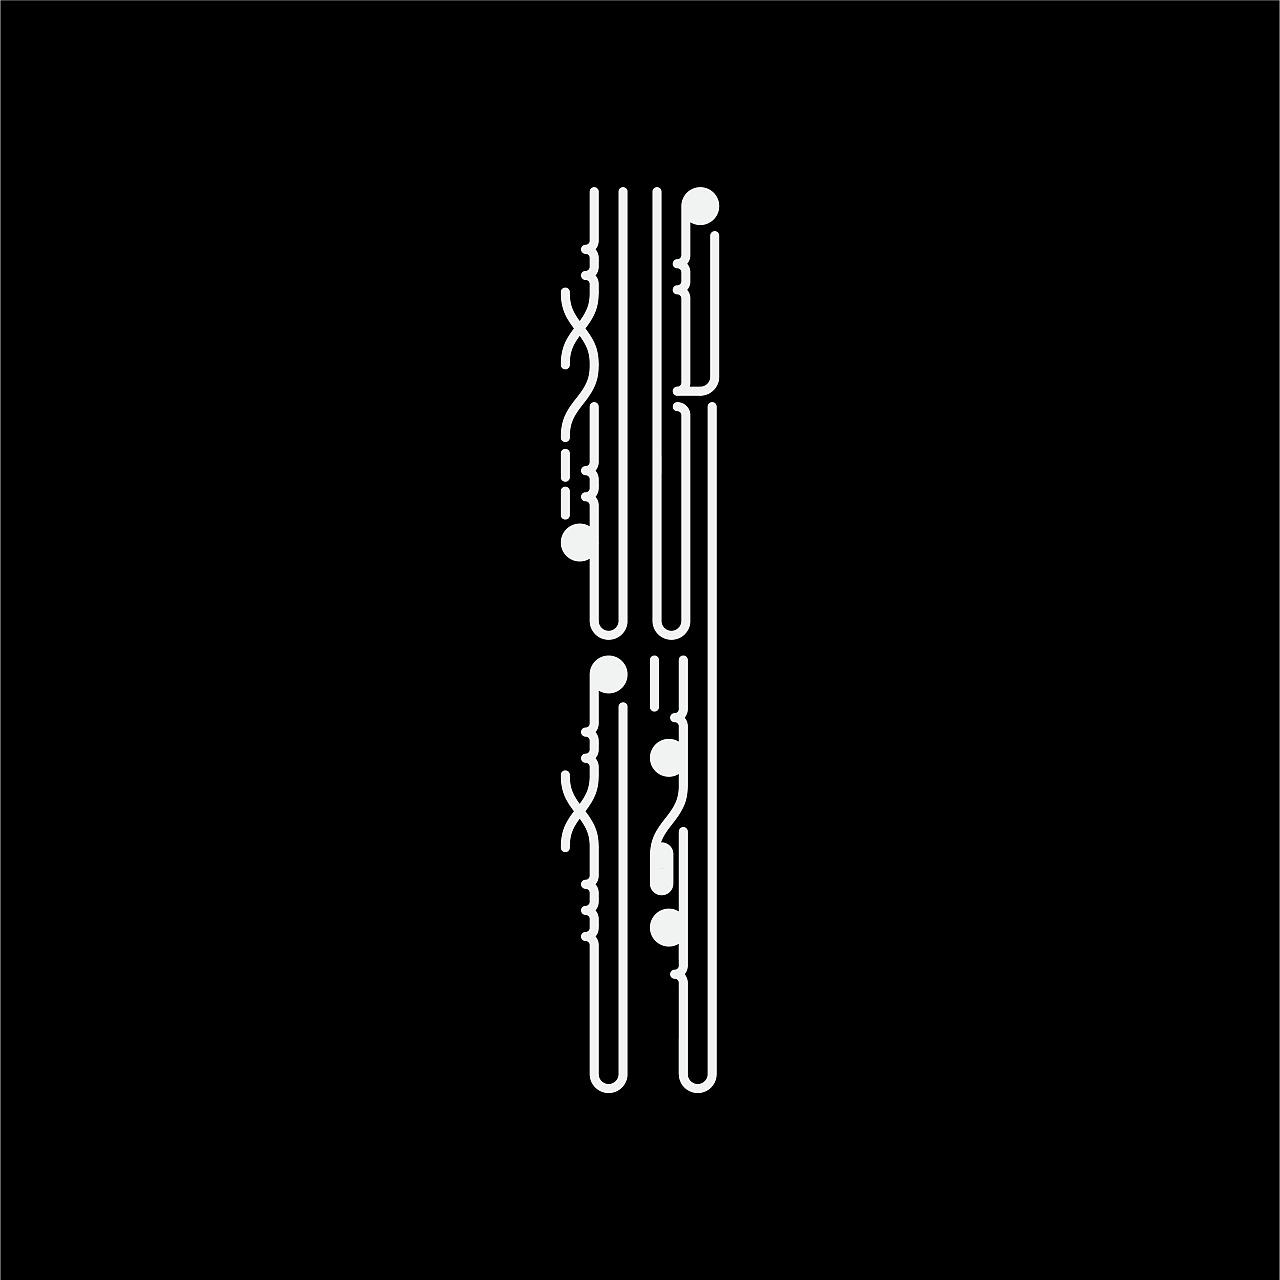 蒙古文字体设计—包立华 第4张 蒙古文字体设计—包立华 蒙古设计